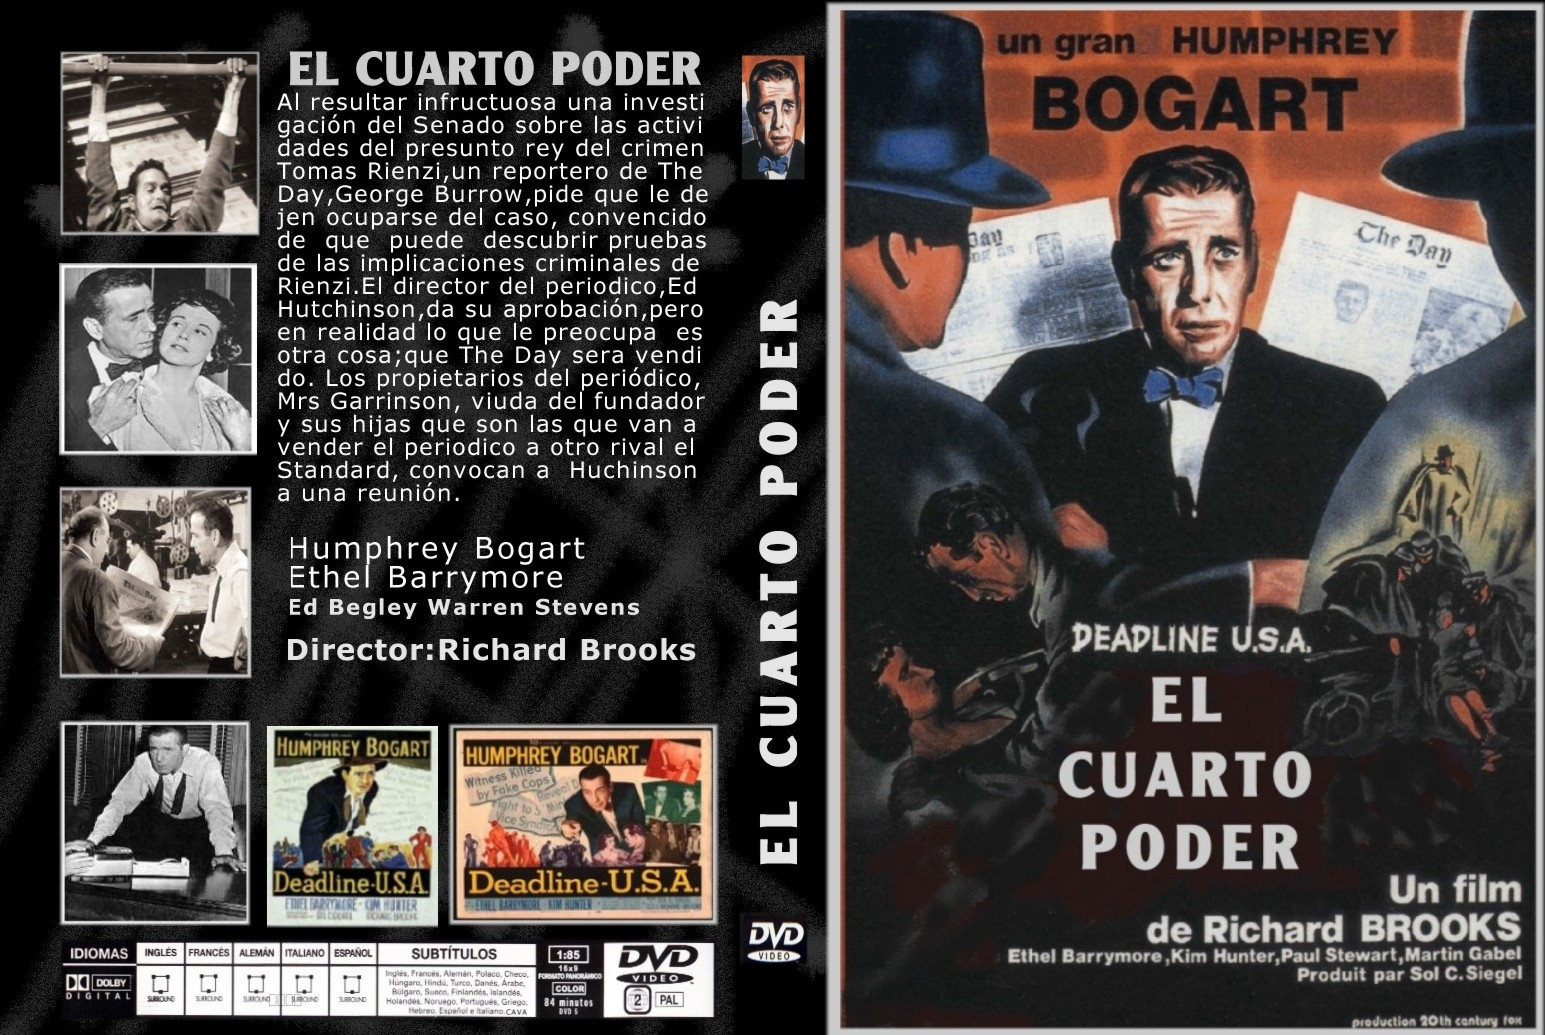 Hunphrey Bogart, Cine Clásico